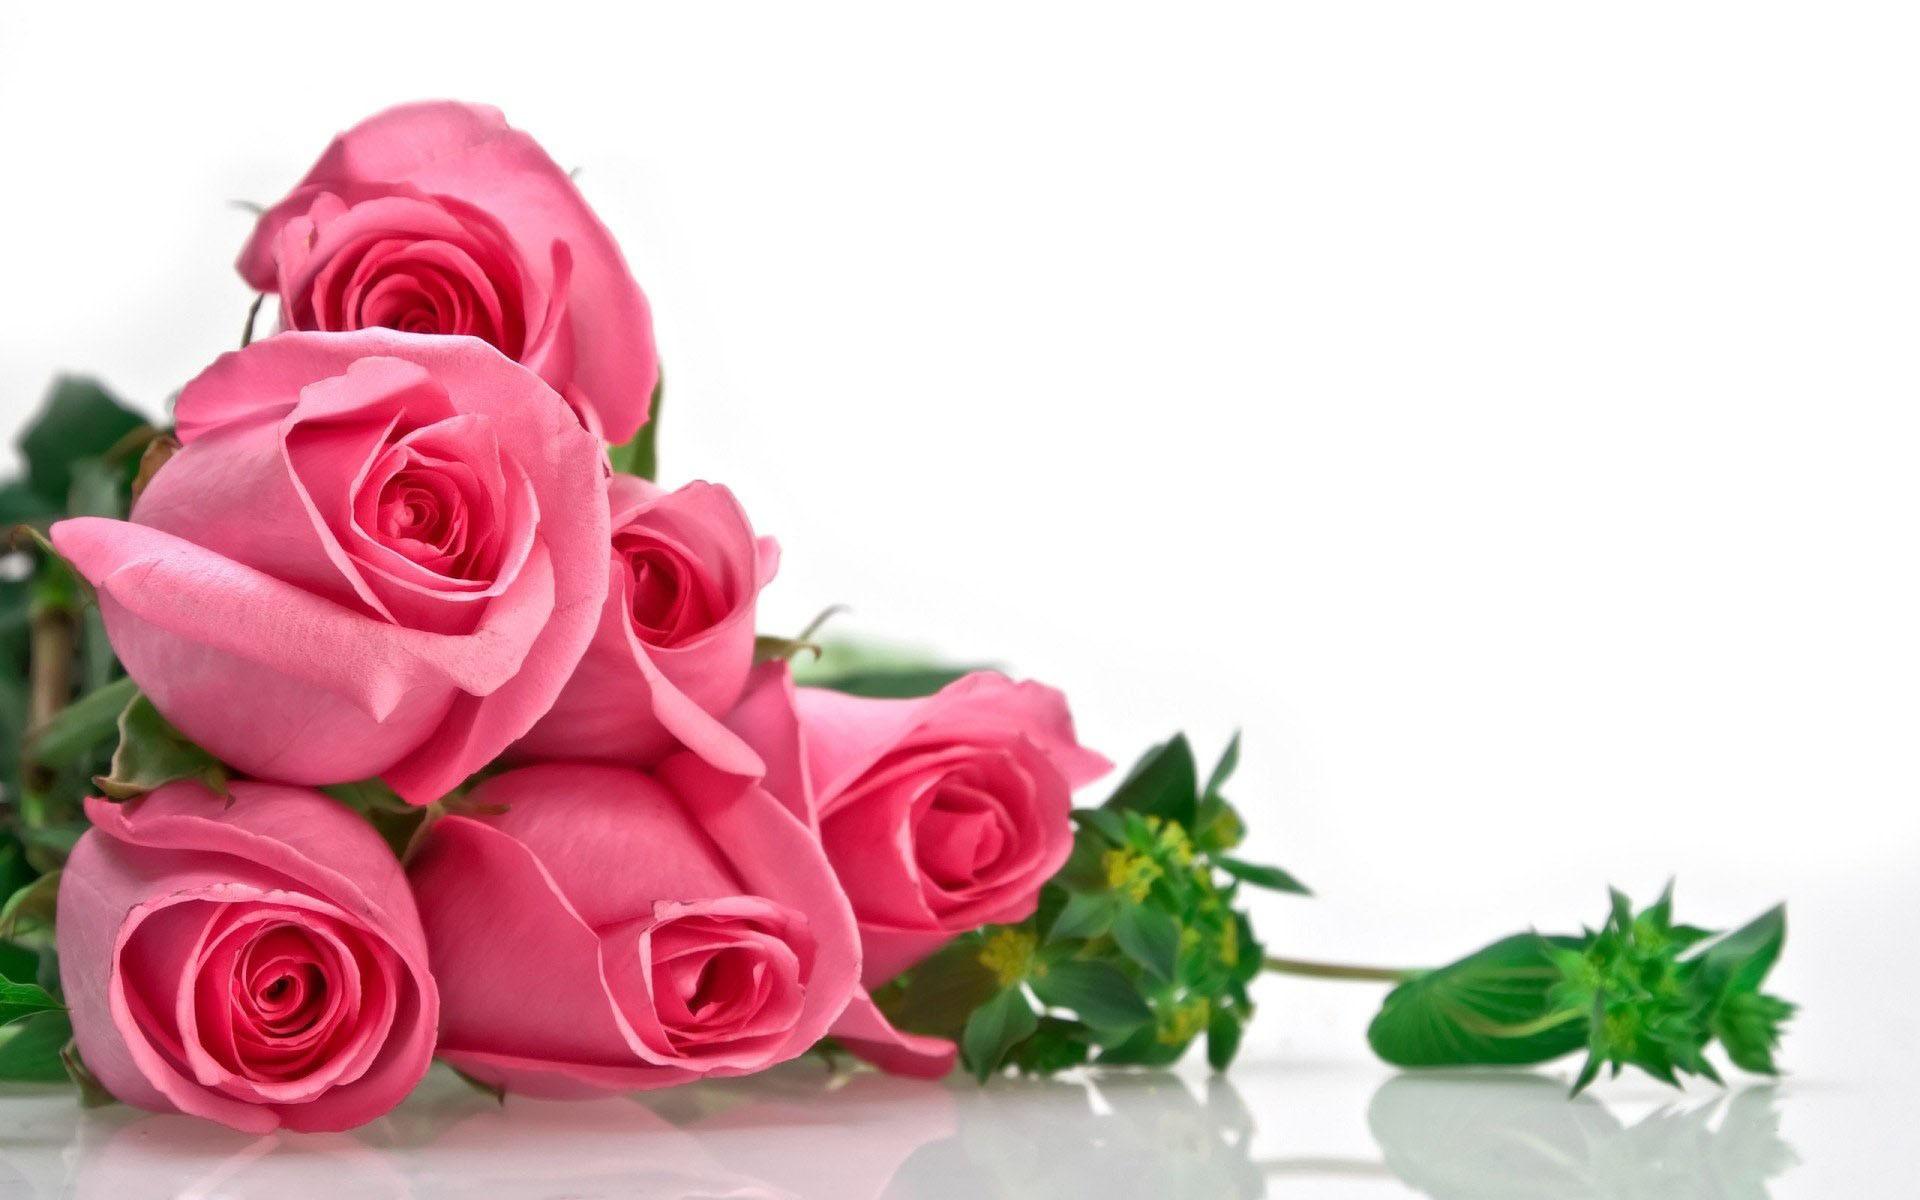 Ramo de rosas rosadas - 1920x1200